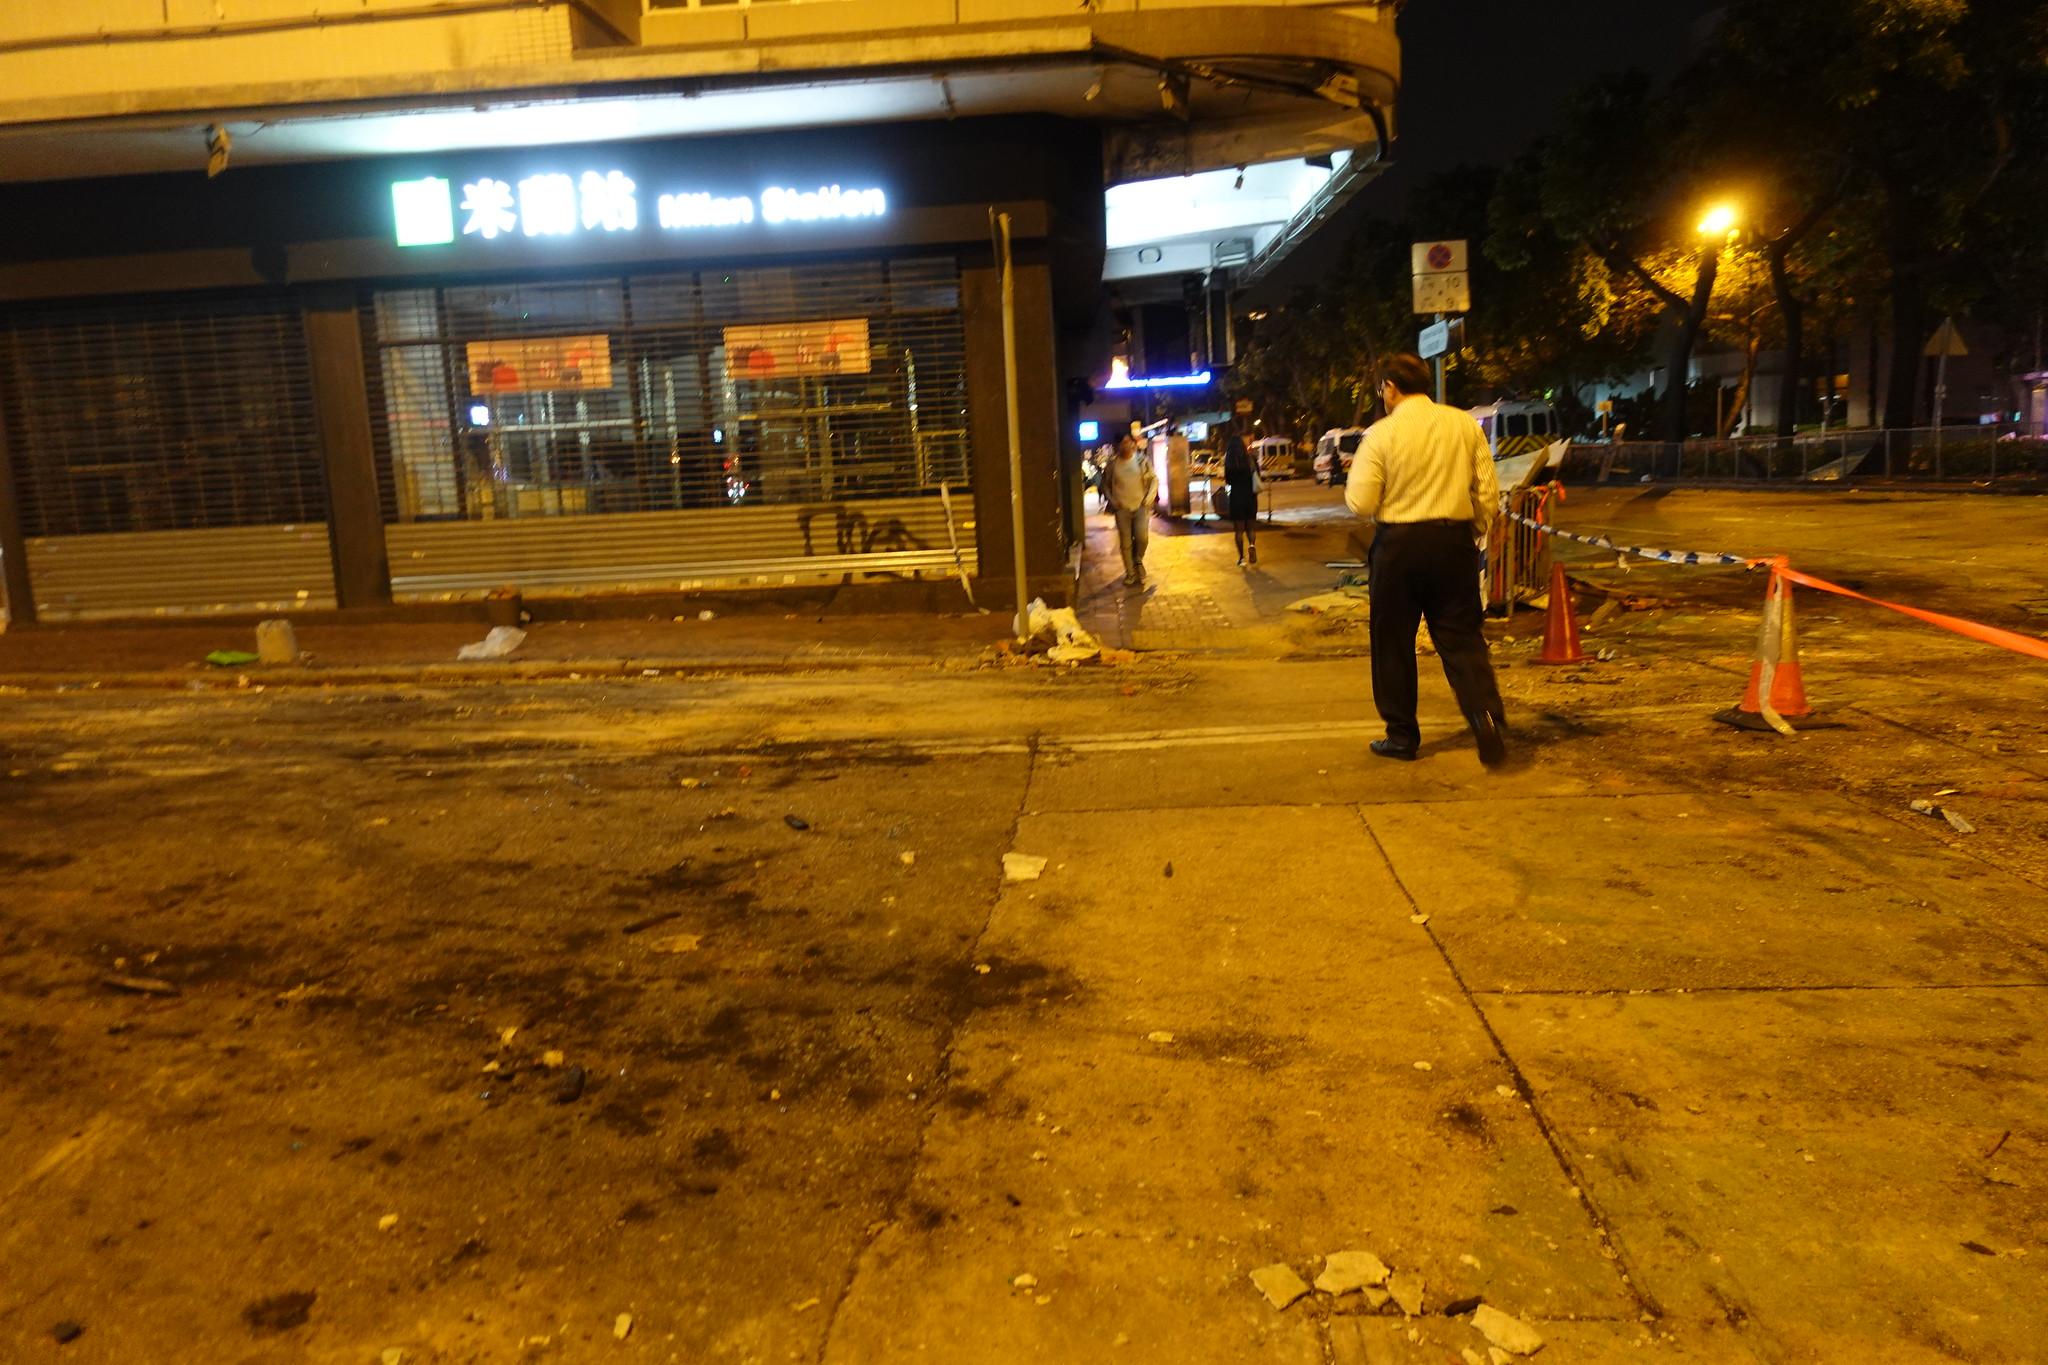 理大一帶道路留下示威者和警方激戰的火燒痕跡。(攝影:張智琦)